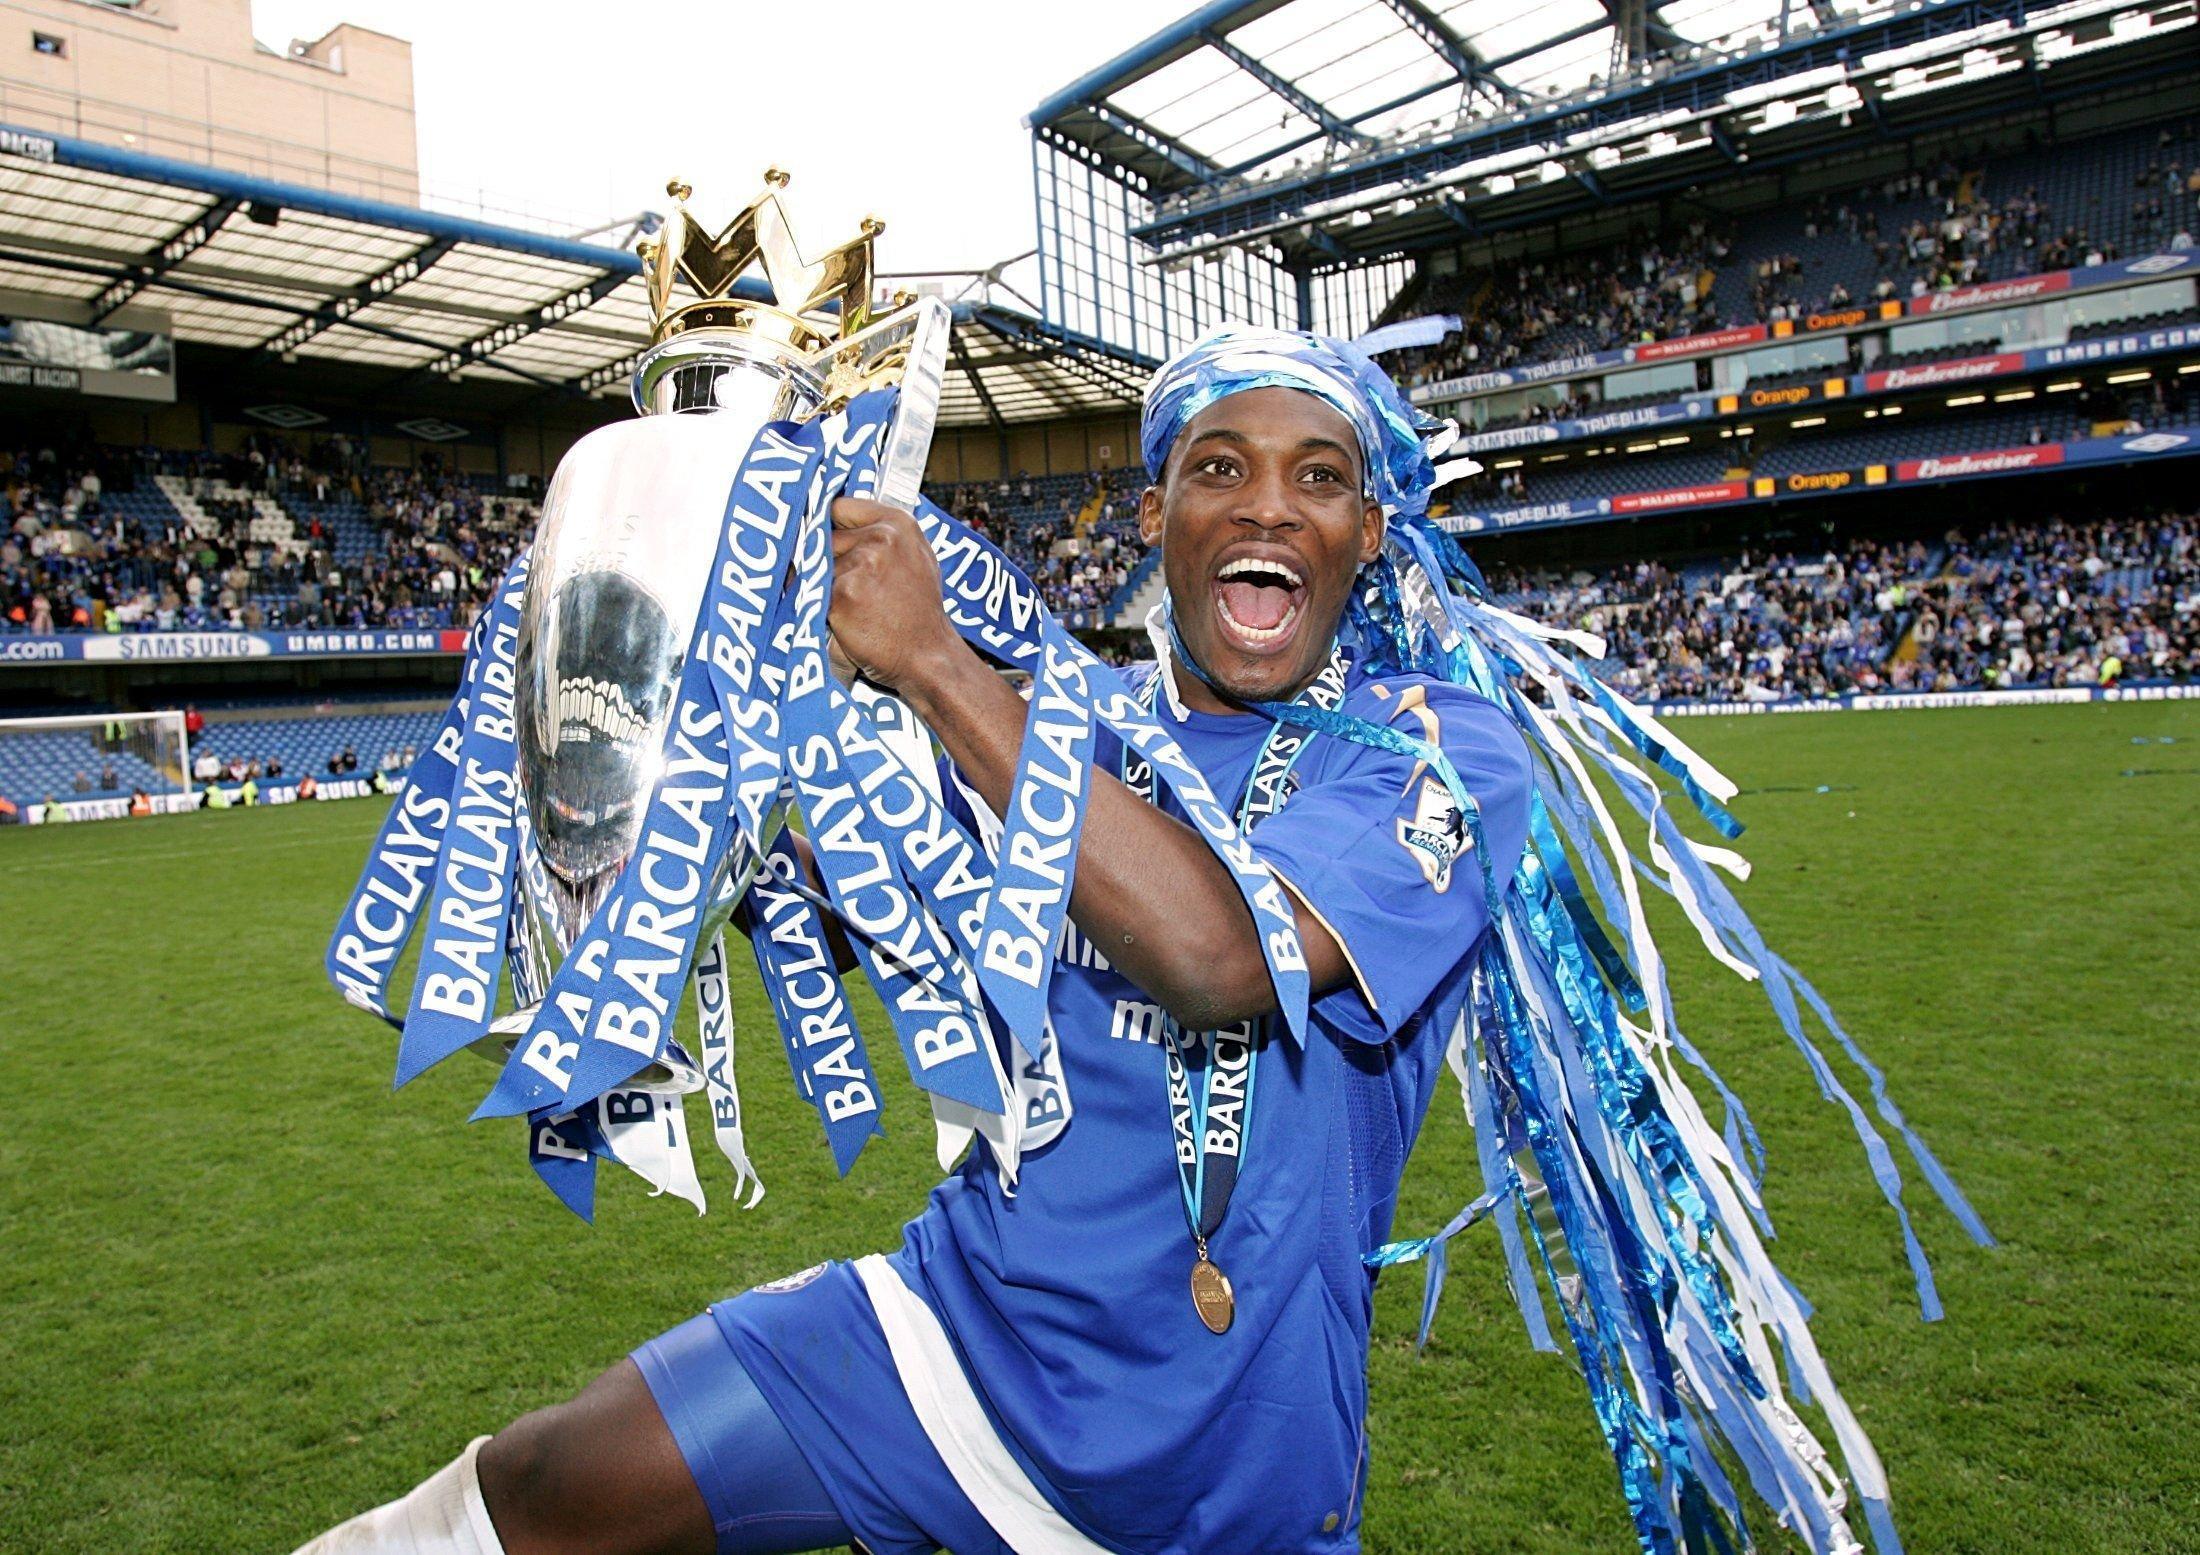 Michael Essien celebrating winning the Premier League